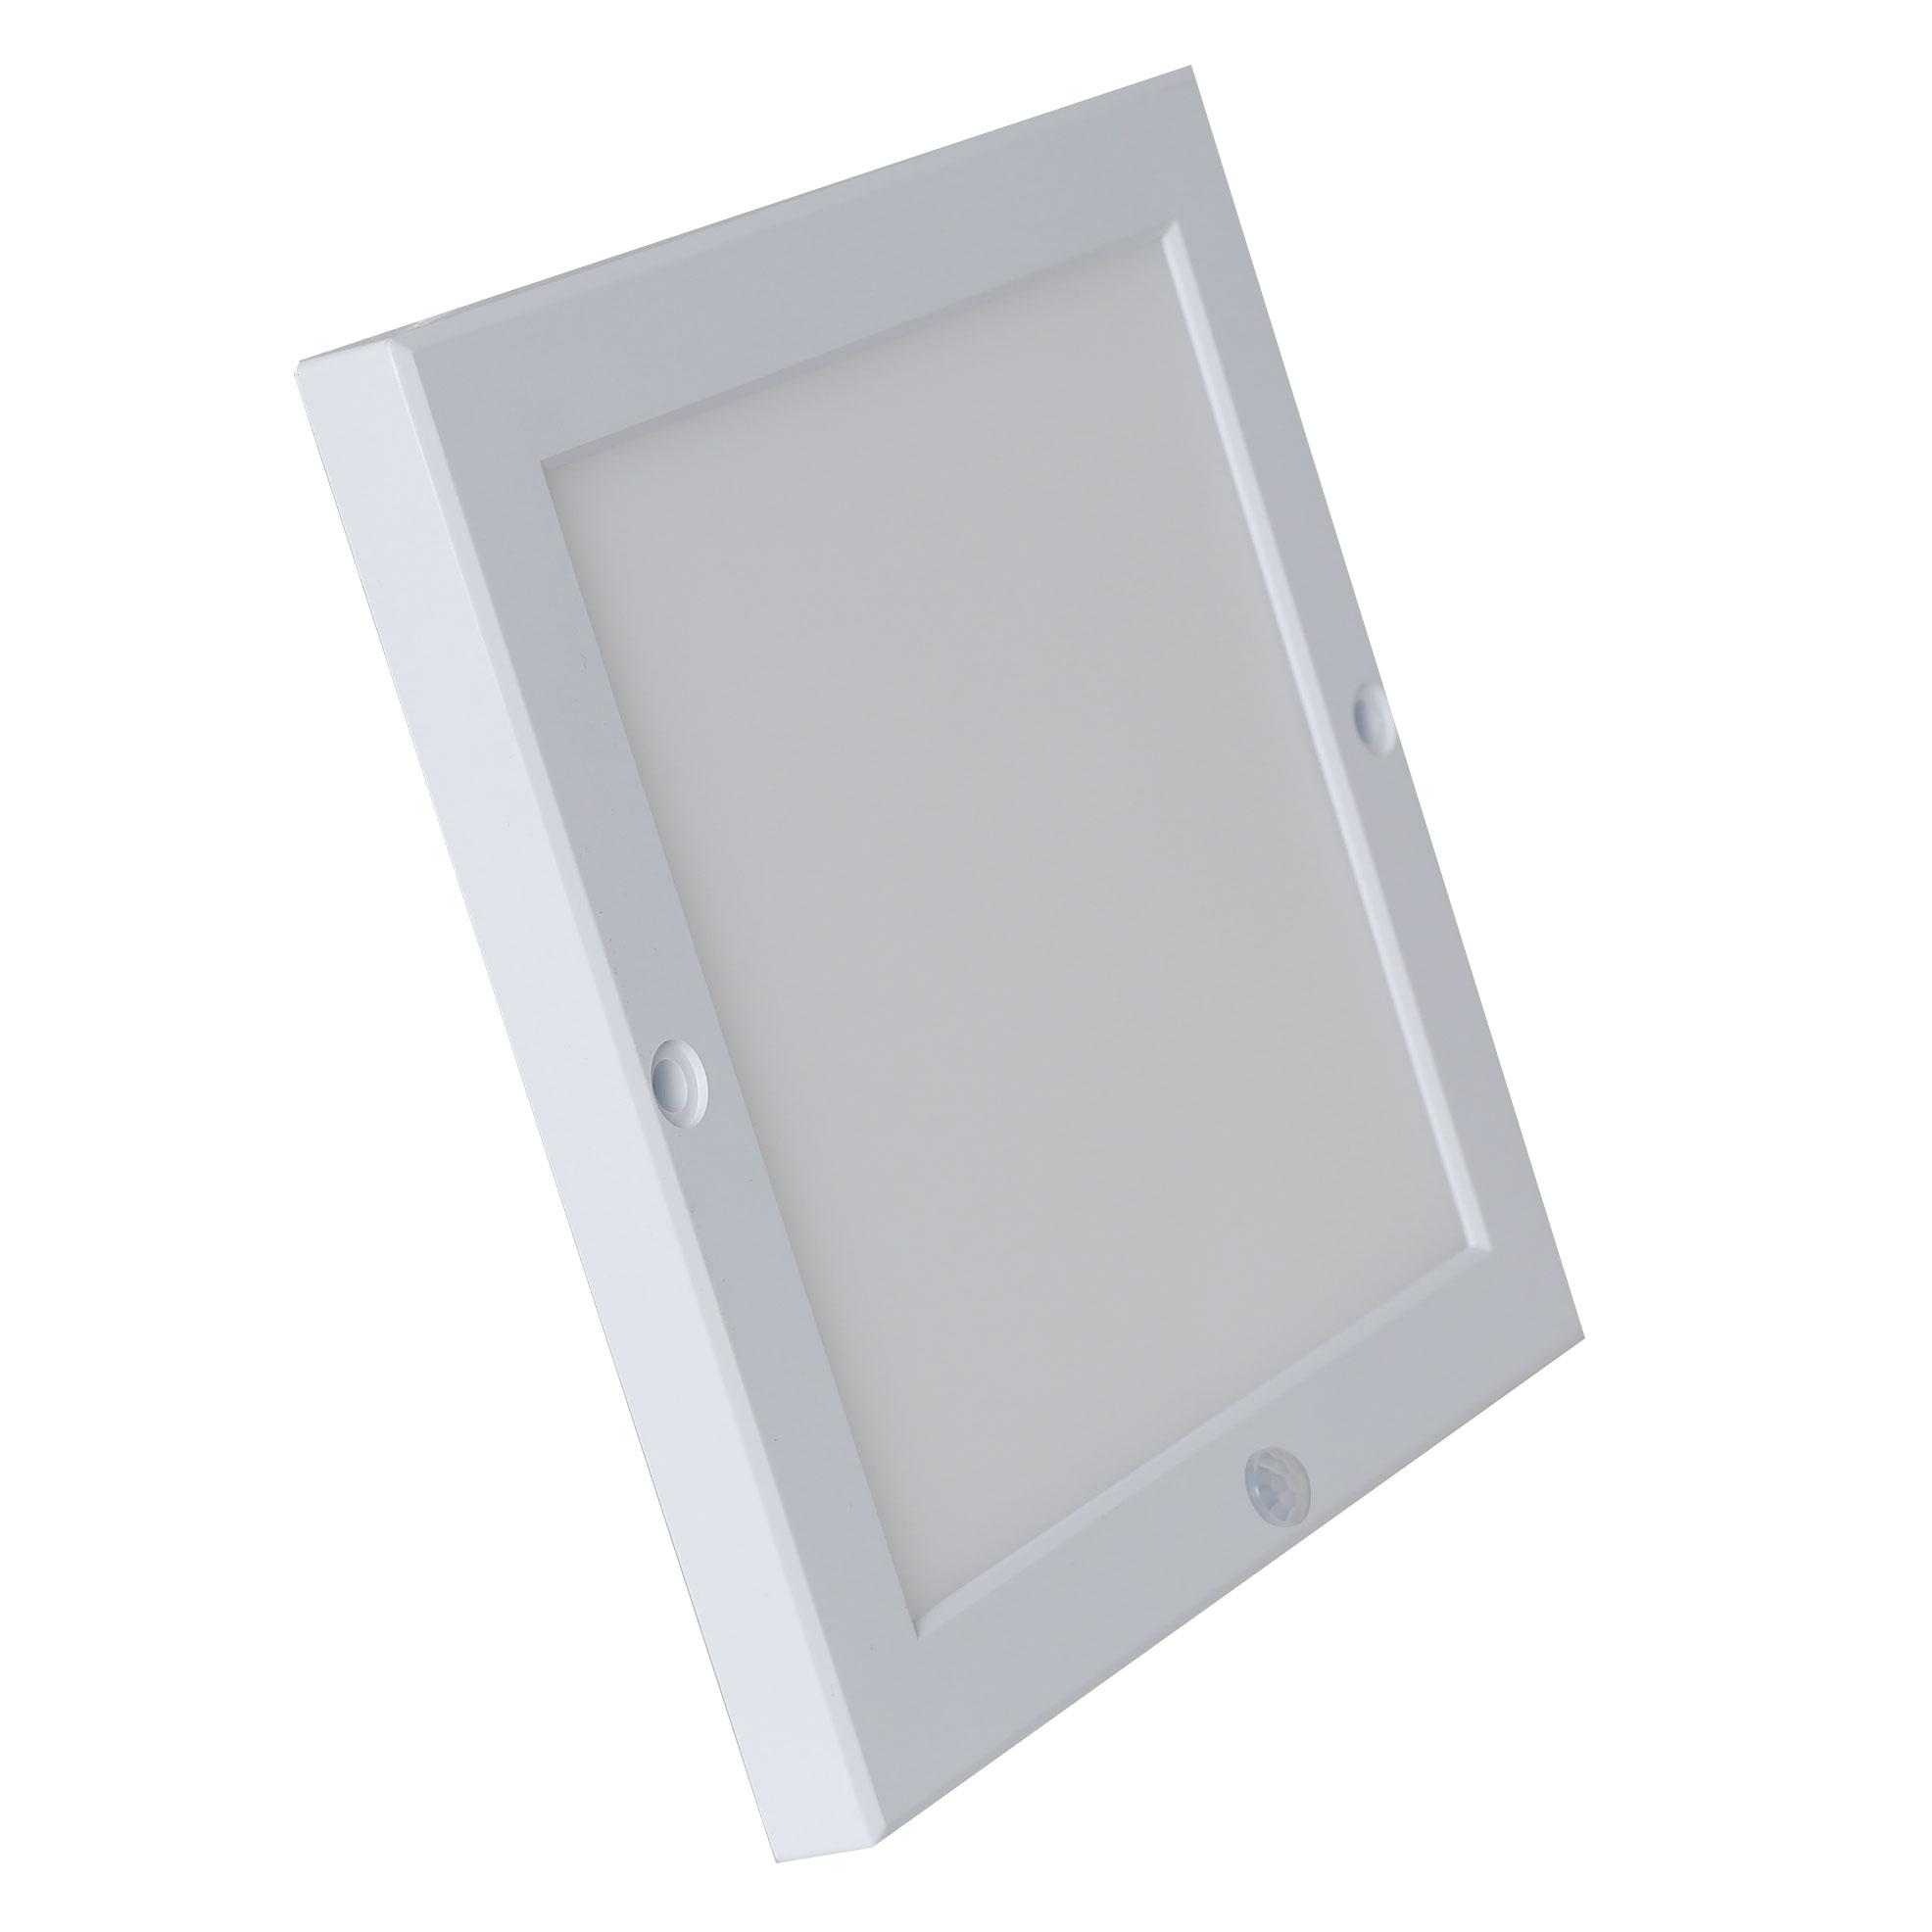 LED Ốp trần cảm biến 18W D LN10L 22x22/18W PIR